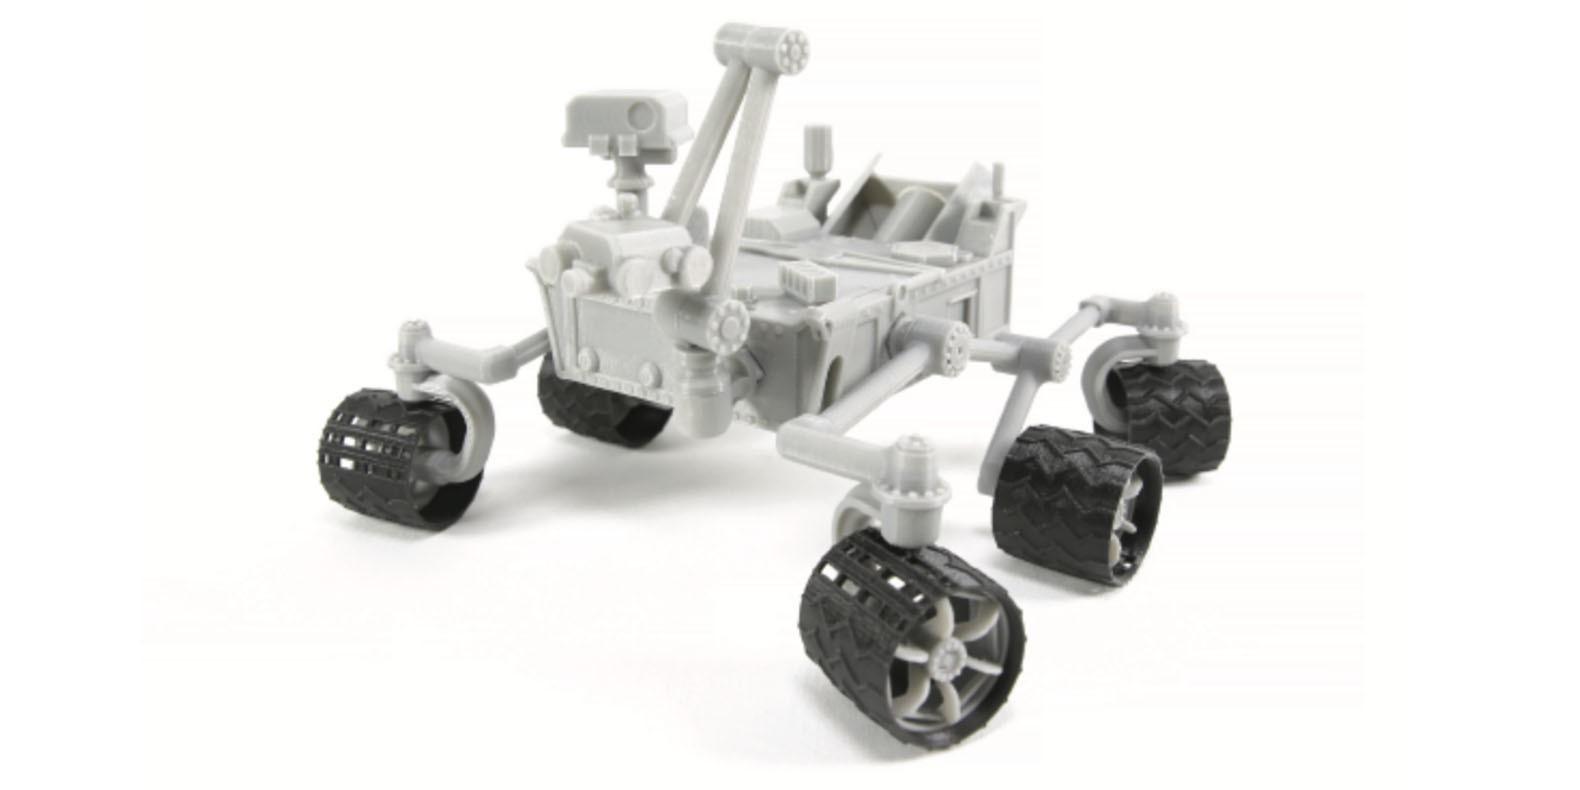 He aquí una selección de los mejores modelos 3D relacionados con el espacio para realizar con una impresora 3D